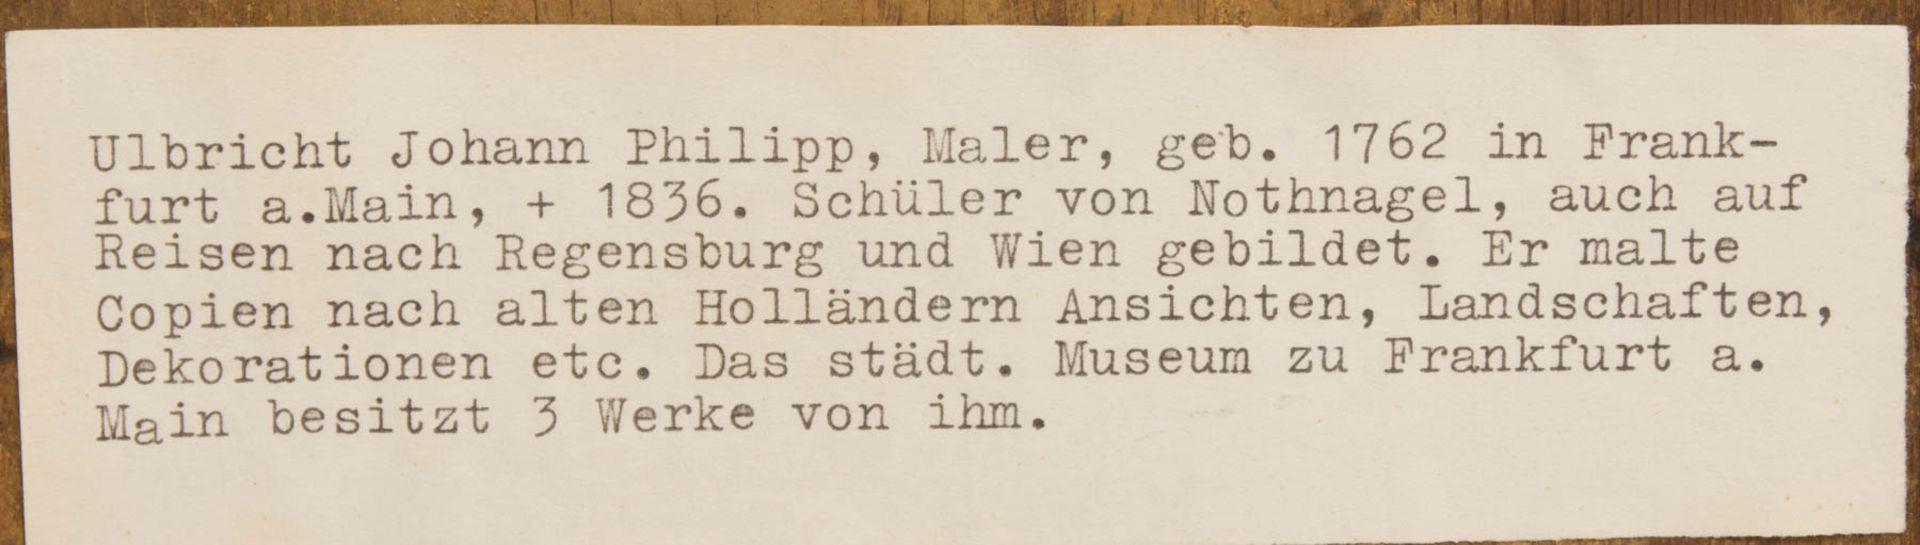 Johann Phillipp Ulbricht, Paar humorvolle Szenen, Öl auf Holz, Mitte 18. Jh. - Bild 4 aus 12